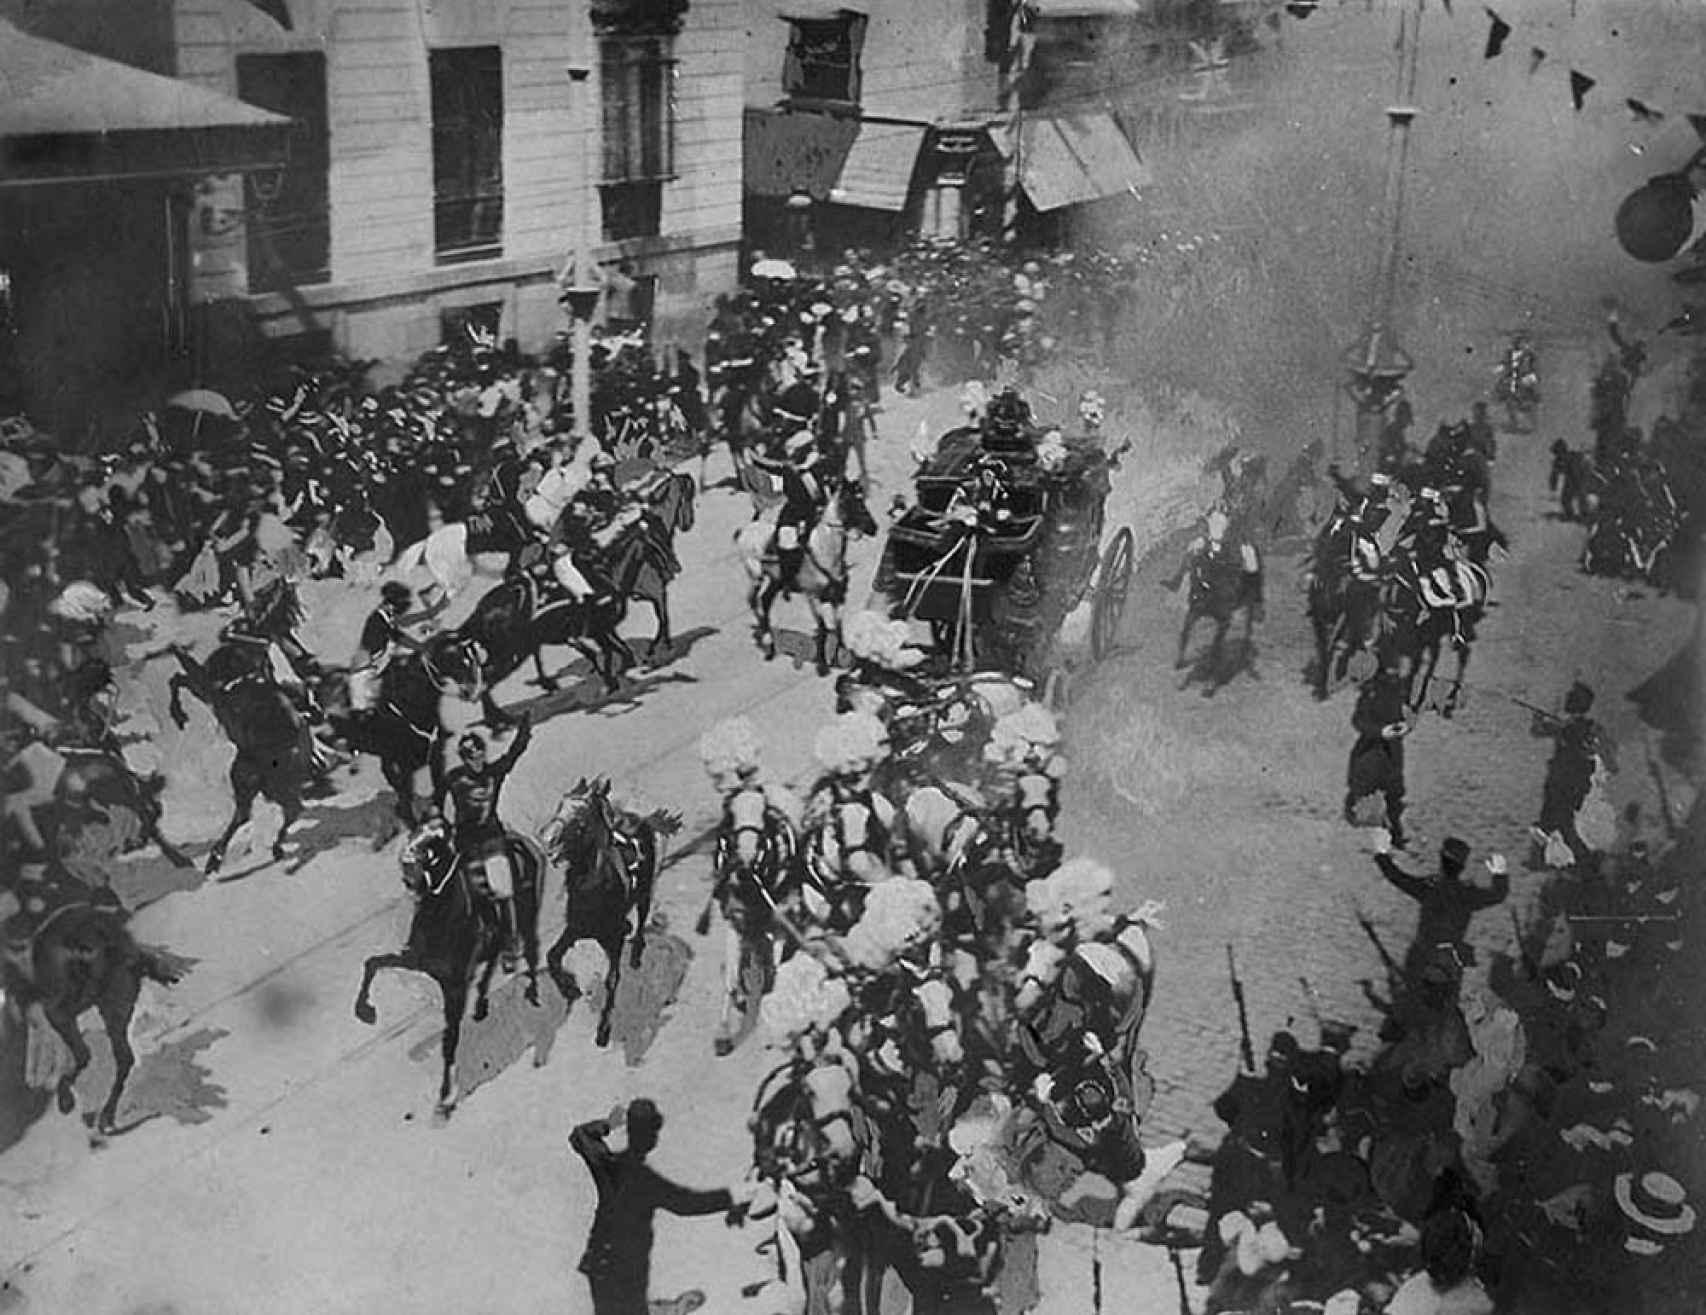 Fotografía del atentado de Mateo Morral contra Alfonso XII y Victoria Eugenia.